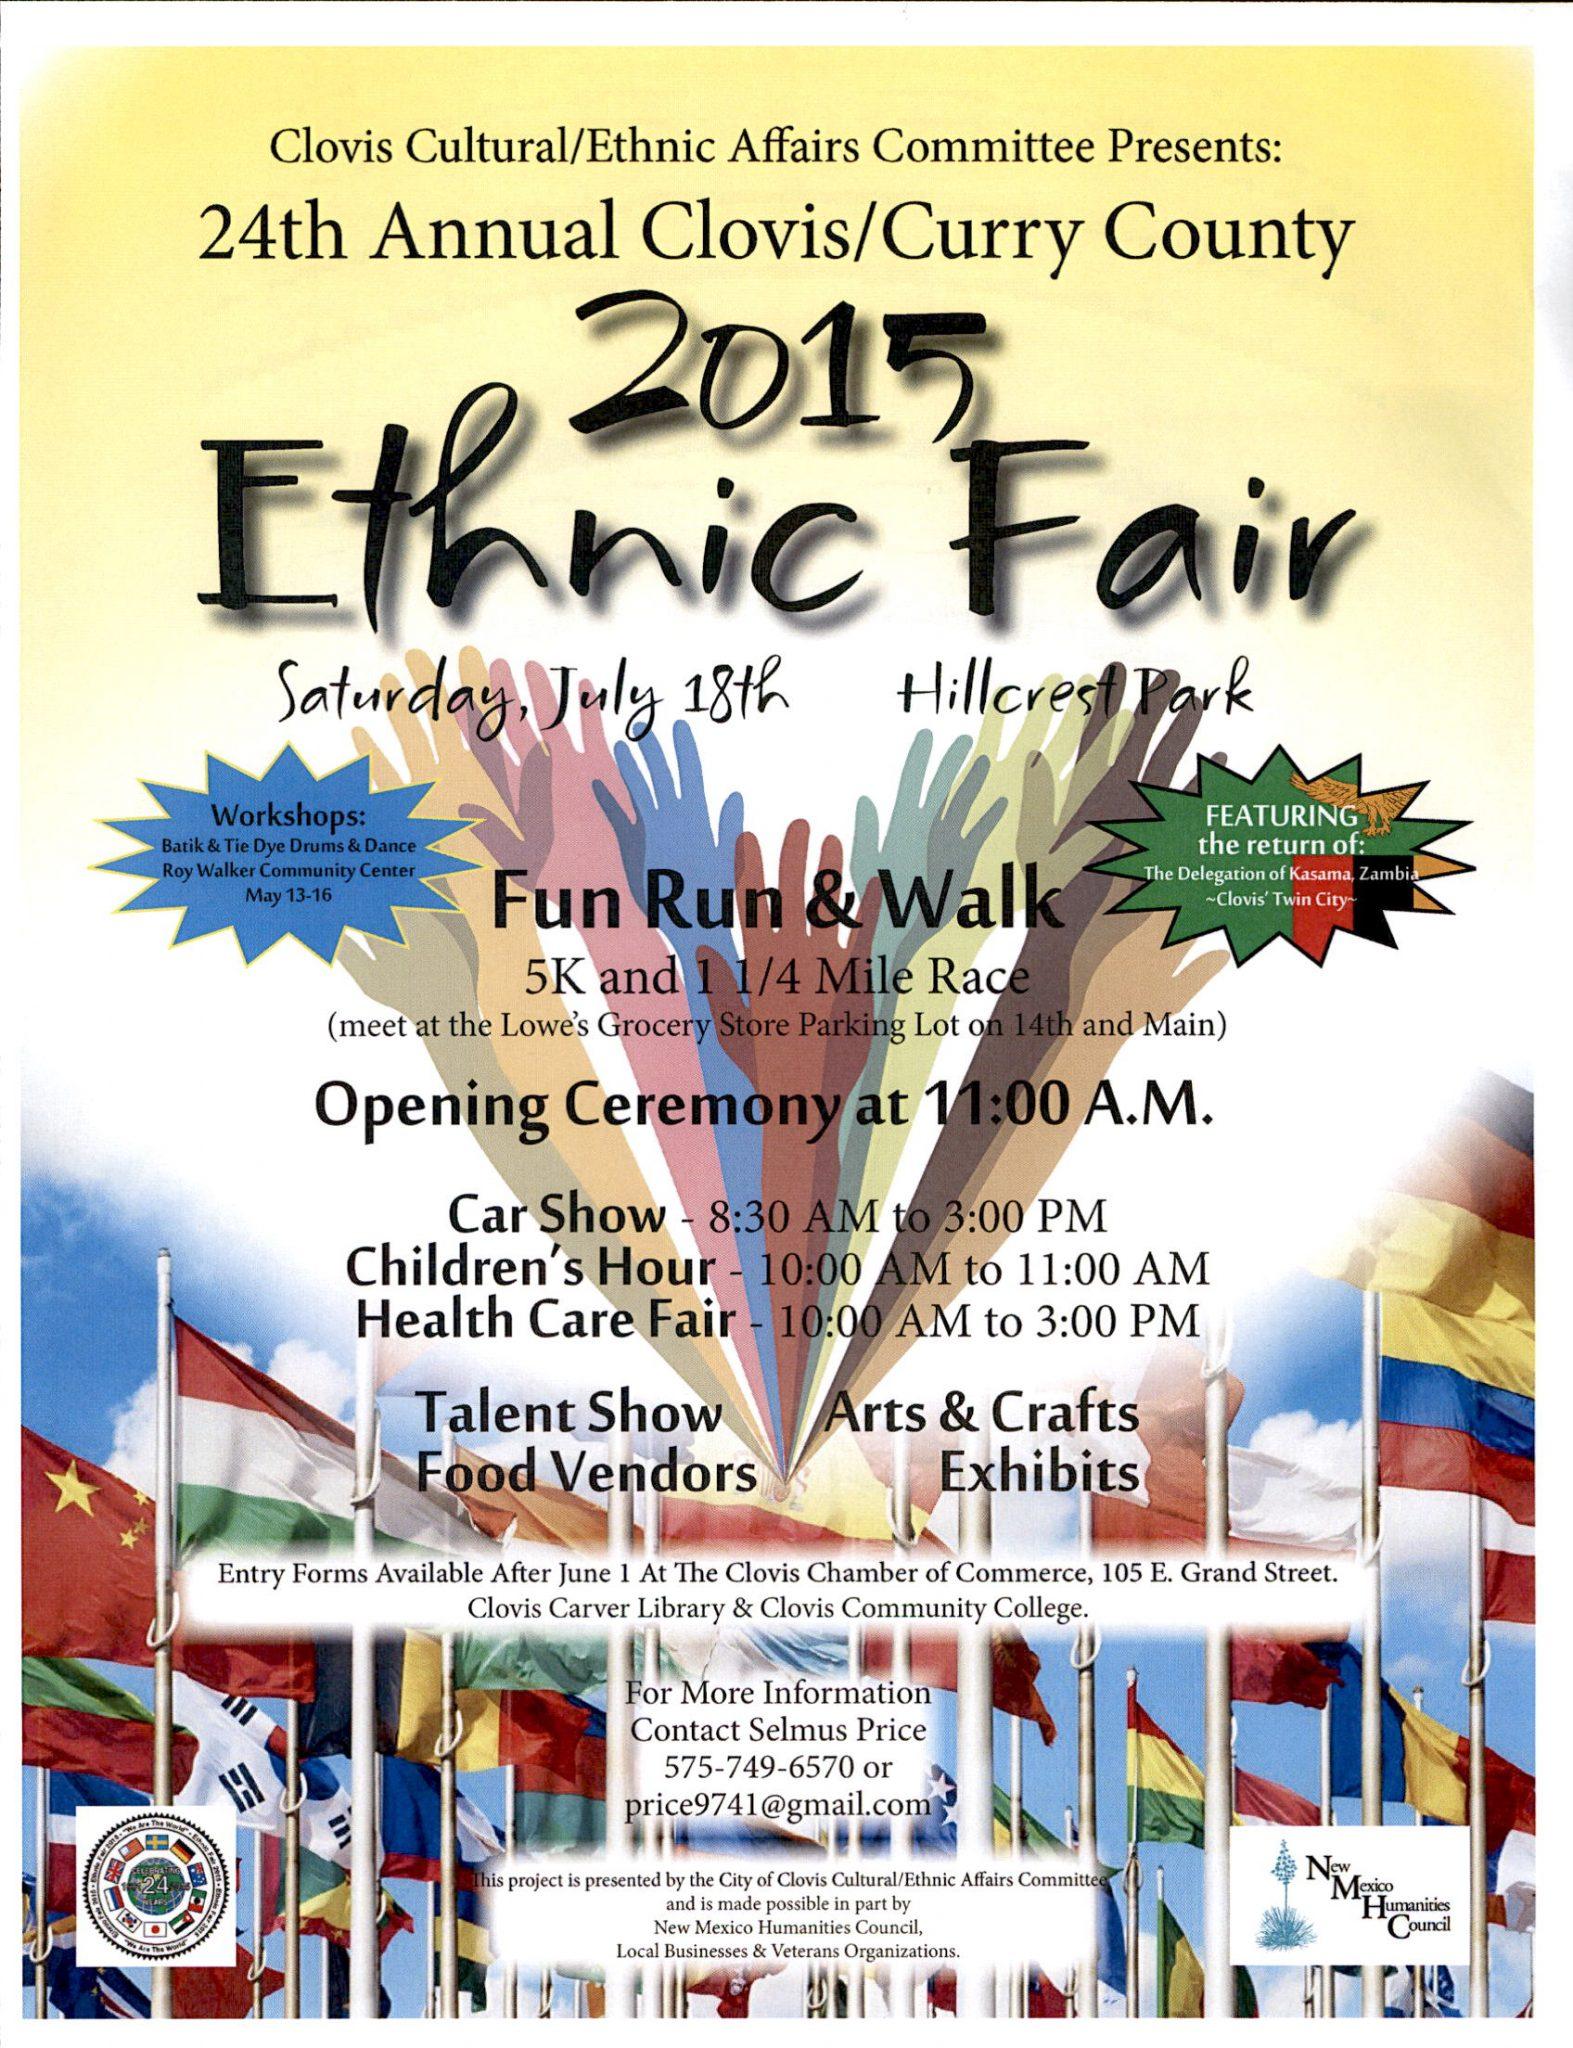 New mexico curry county clovis - Ethnic Fair 2015